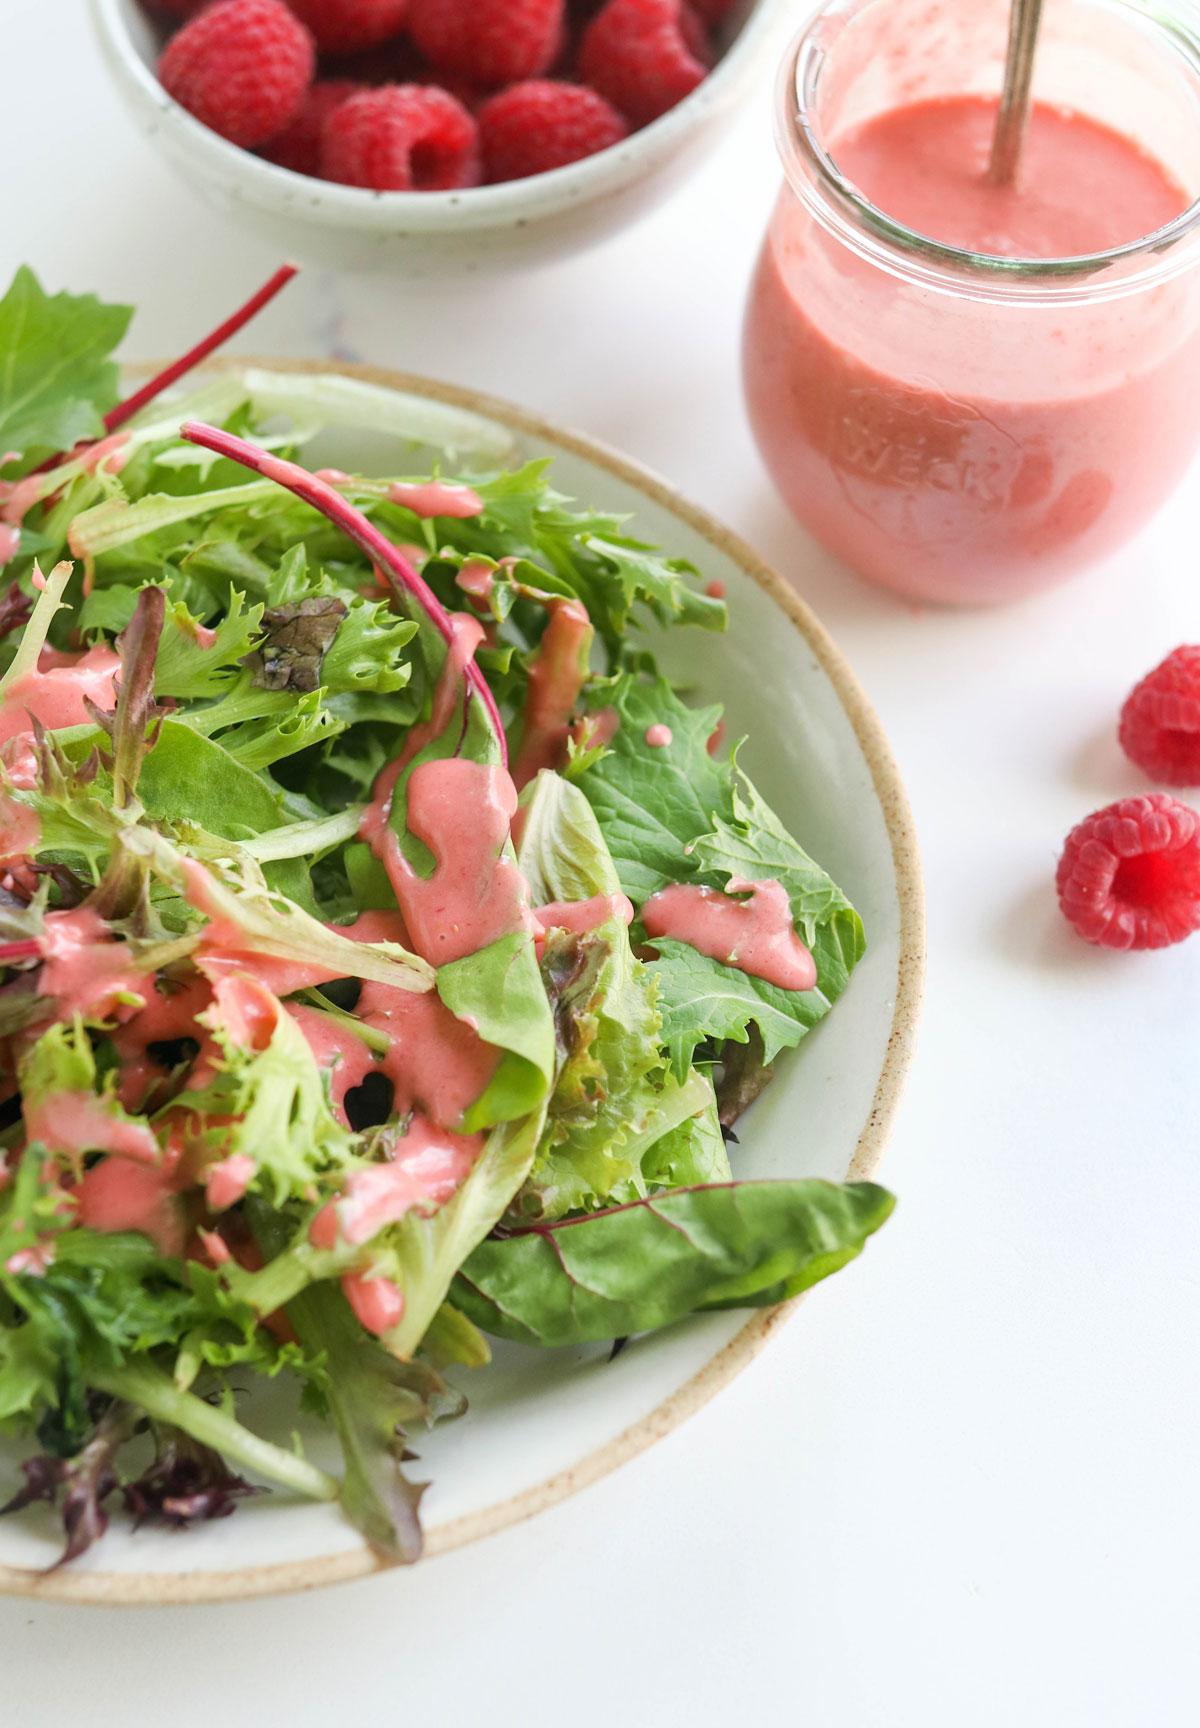 raspberry vinaigrette over leafy greens on plate